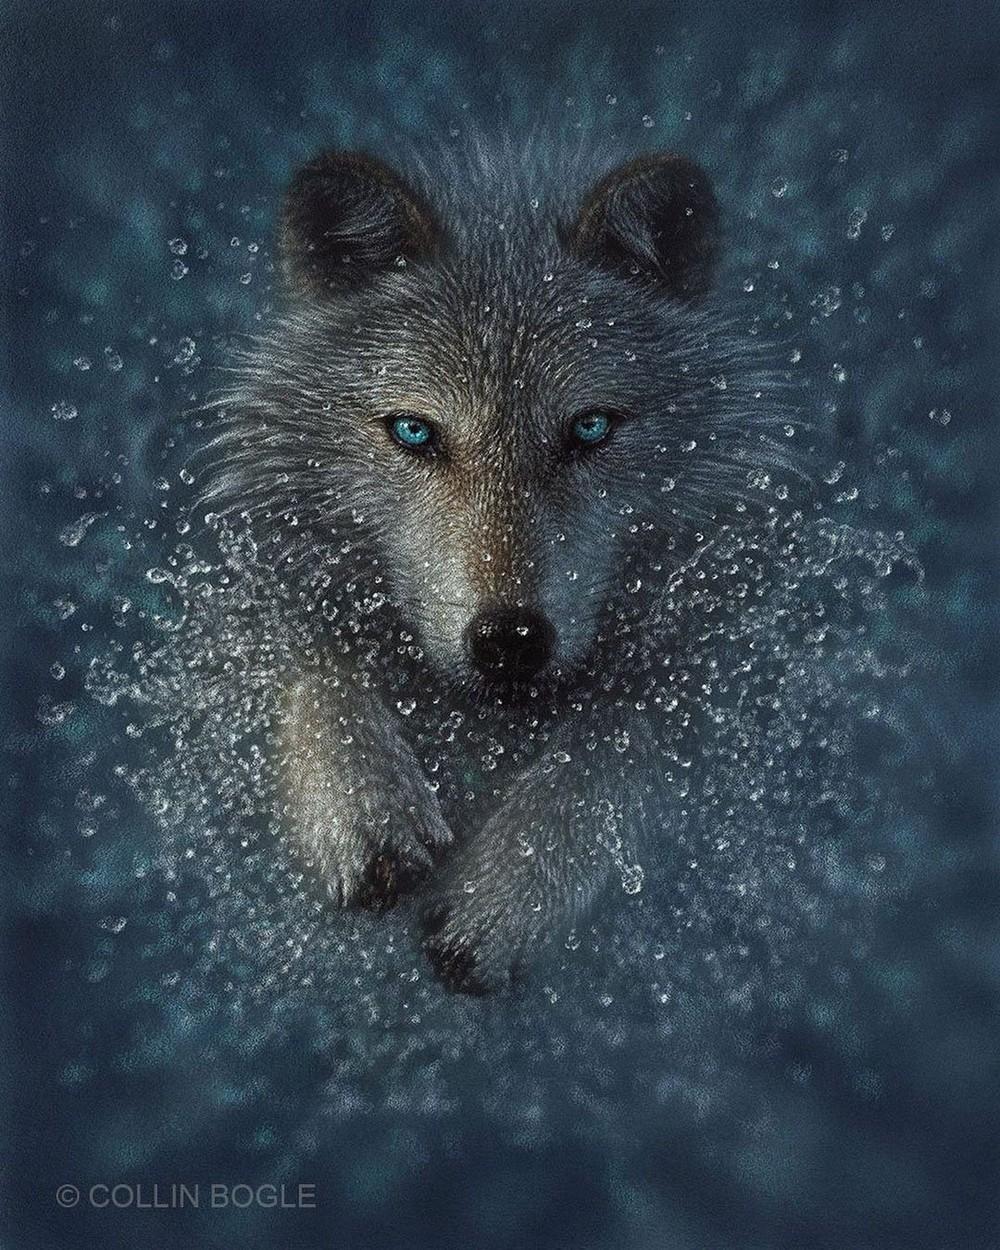 Реалистичные портреты животных от художника Коллина Богла